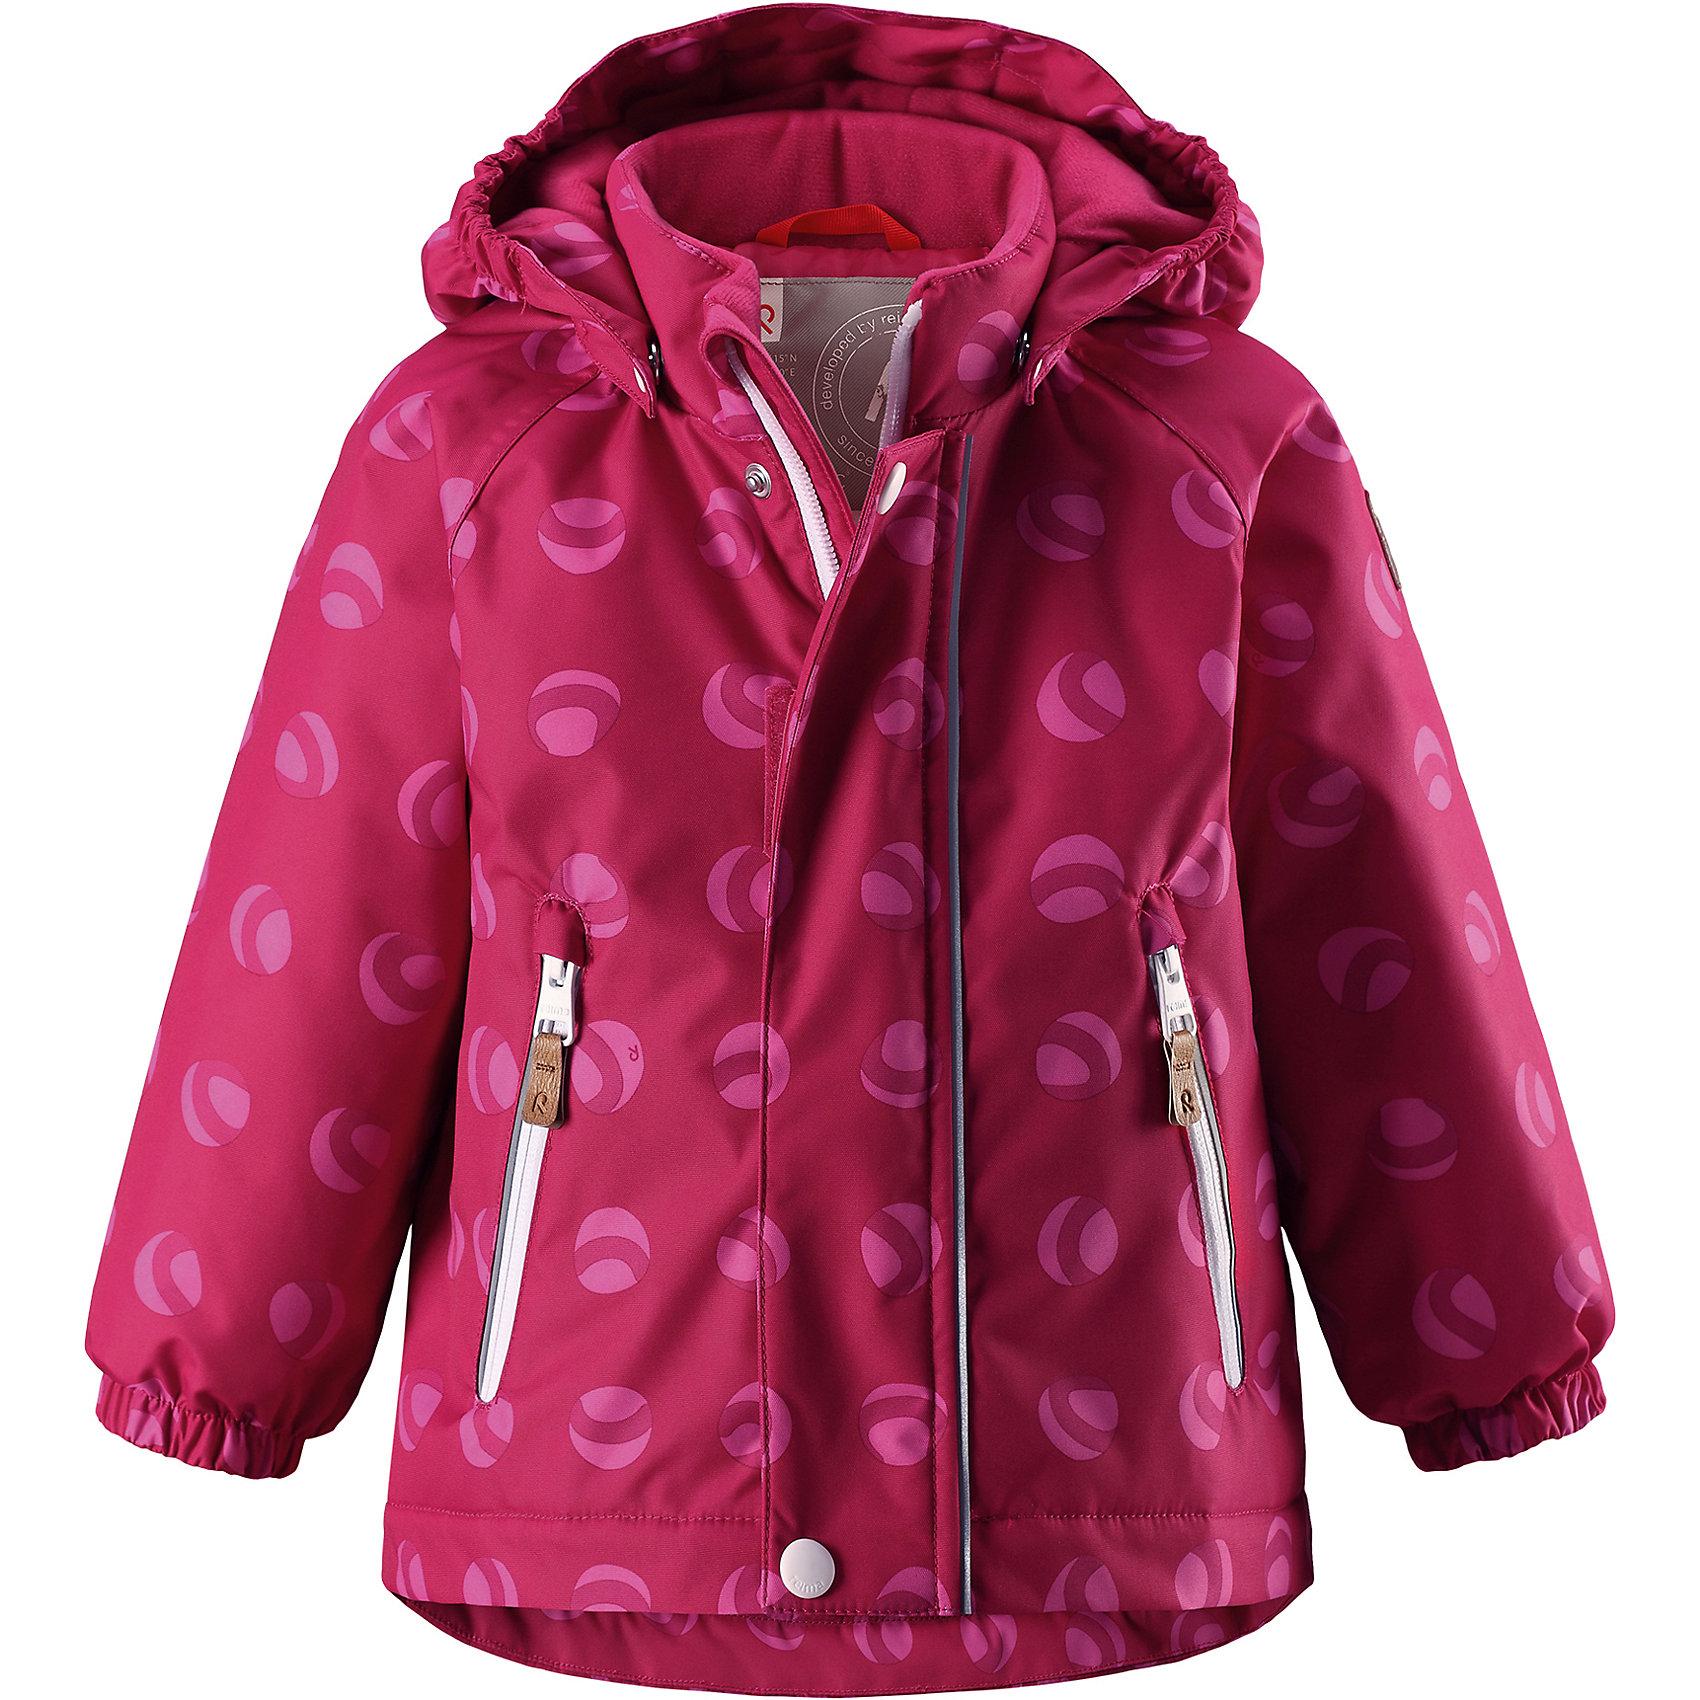 Куртка Reimatec® Reima RuisОдежда<br>Характеристики товара:<br><br>• цвет: розовый;<br>• состав: 100% полиэстер;<br>• подкладка: 100% полиэстер;<br>• утеплитель: 160 г/м2;<br>• сезон: демисезон, зима;<br>• температурный режим: от 0 до -20С;<br>• водонепроницаемость: 8000 мм;<br>• воздухопроницаемость: 10000 мм;<br>• износостойкость: 30000 циклов (тест Мартиндейла);<br>• водо- и ветронепроницаемый, дышащий и грязеотталкивающий материал;<br>• основные швы проклеены и водонепроницаемы;<br>• застежка: молния с защитой подбородка;<br>• гладкая подкладка из полиэстера;<br>• безопасный, съемный капюшон;<br>• эластичные манжеты;<br>• два кармана на молнии;<br>• светоотражающие детали;<br>• страна бренда: Финляндия;<br>• страна изготовитель: Китай.<br><br>Основные швы в куртке проклеены, а сама она изготовлена из водо и ветронепроницаемого, грязеотталкивающего материала. Гладкая подкладка и молния во всю длину облегчают надевание. Съемный капюшон защищает от ветра, к тому же он абсолютно безопасен – легко отстегнется, если вдруг за что-нибудь зацепится. Маленькие карманы на молнии надежно сохранят все сокровища.<br><br>Куртку Reimatec® Reima Ruis от финского бренда Reima (Рейма) можно купить в нашем интернет-магазине.<br><br>Ширина мм: 356<br>Глубина мм: 10<br>Высота мм: 245<br>Вес г: 519<br>Цвет: розовый<br>Возраст от месяцев: 12<br>Возраст до месяцев: 15<br>Пол: Унисекс<br>Возраст: Детский<br>Размер: 80,98,92,86<br>SKU: 6968432